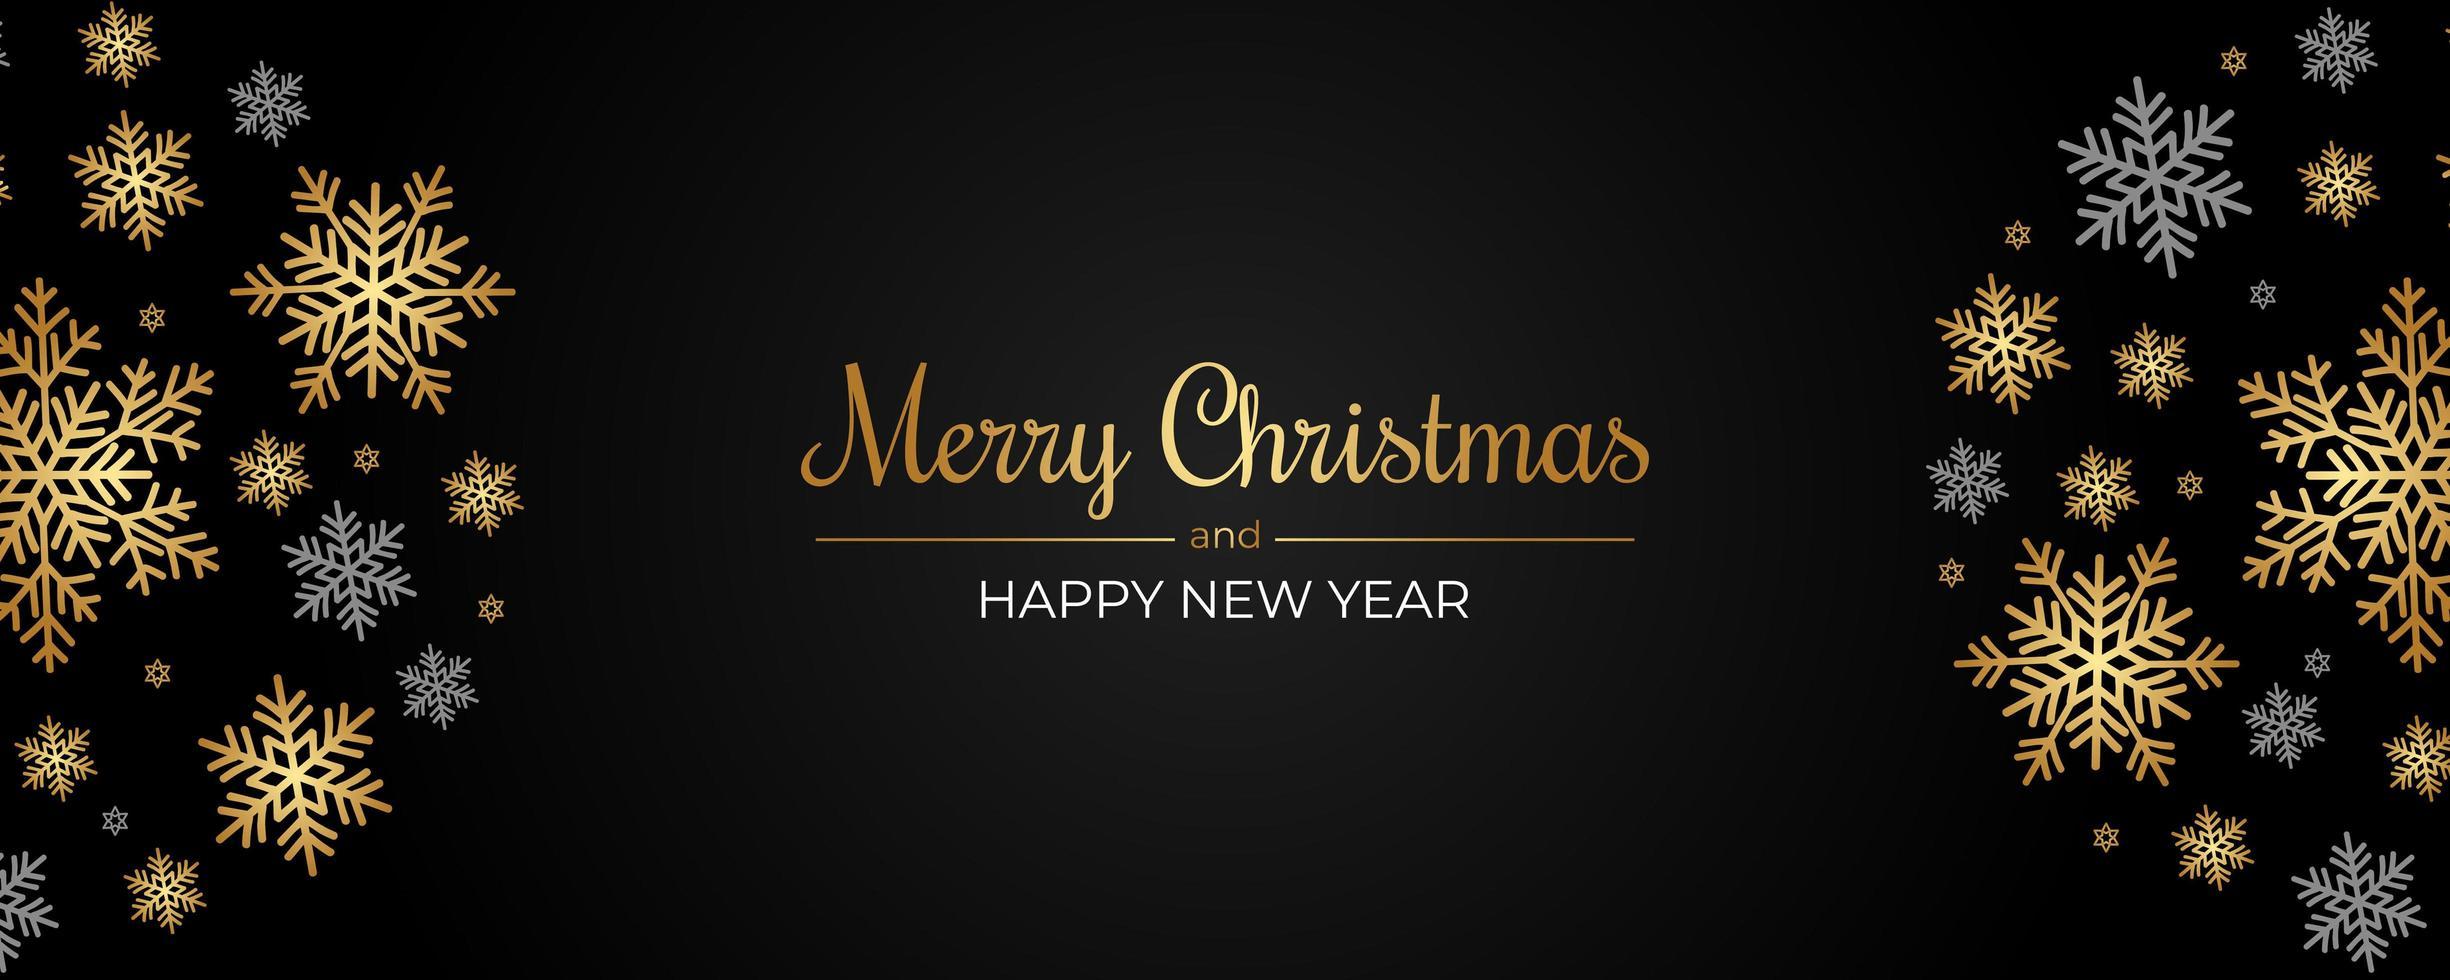 kerstbanner met gouden en grijze sneeuwvlokken op zwart vector